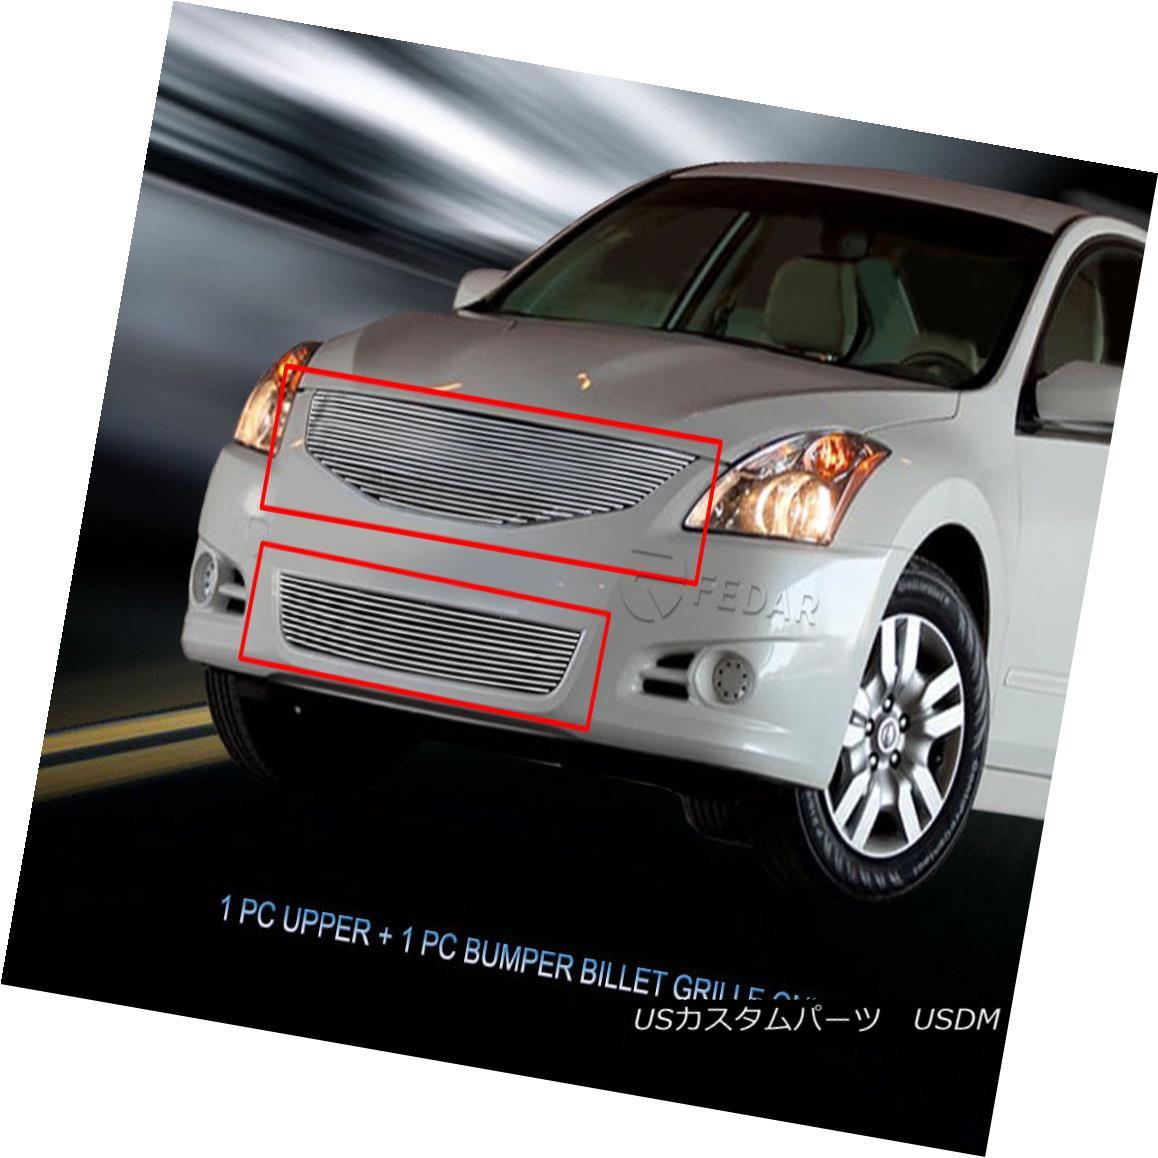 グリル Fedar Fits 2010-2012 Nissan Altima Polished Billet Grille Insert Fedarフィット2010-2012日産アルティマポリッシュビレットグリルインサート